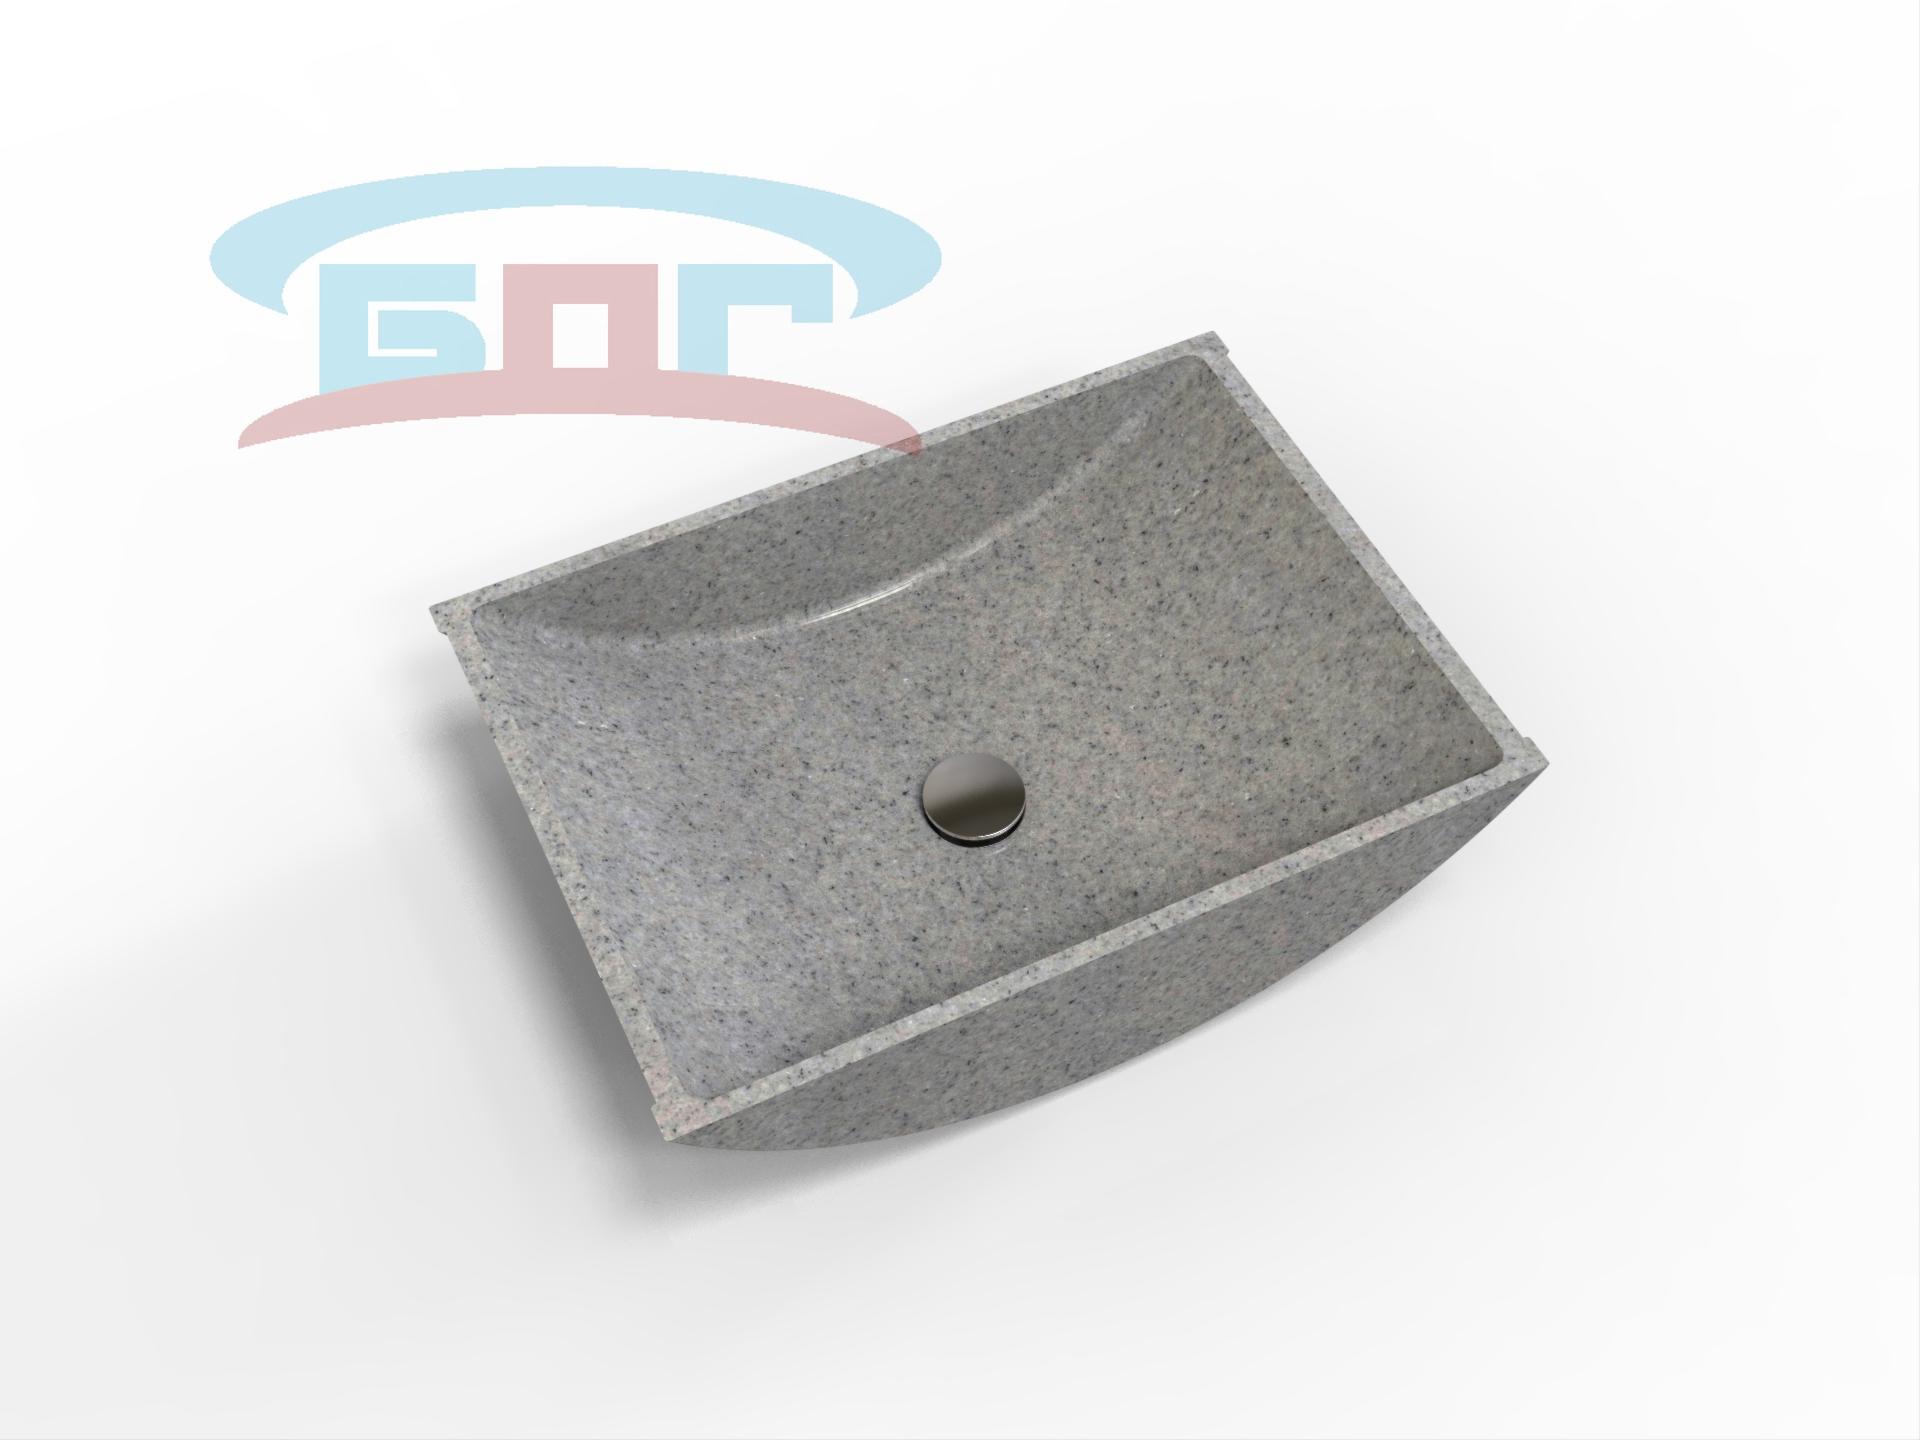 Раковина UK600 Умывальник прямоугольный Монтаж: подстольный или накладной Размеры: X-580мм, Y-300мм до 380мм глубина чаши: до 175мм. Мин. ширина мебельного модуля: 600мм.